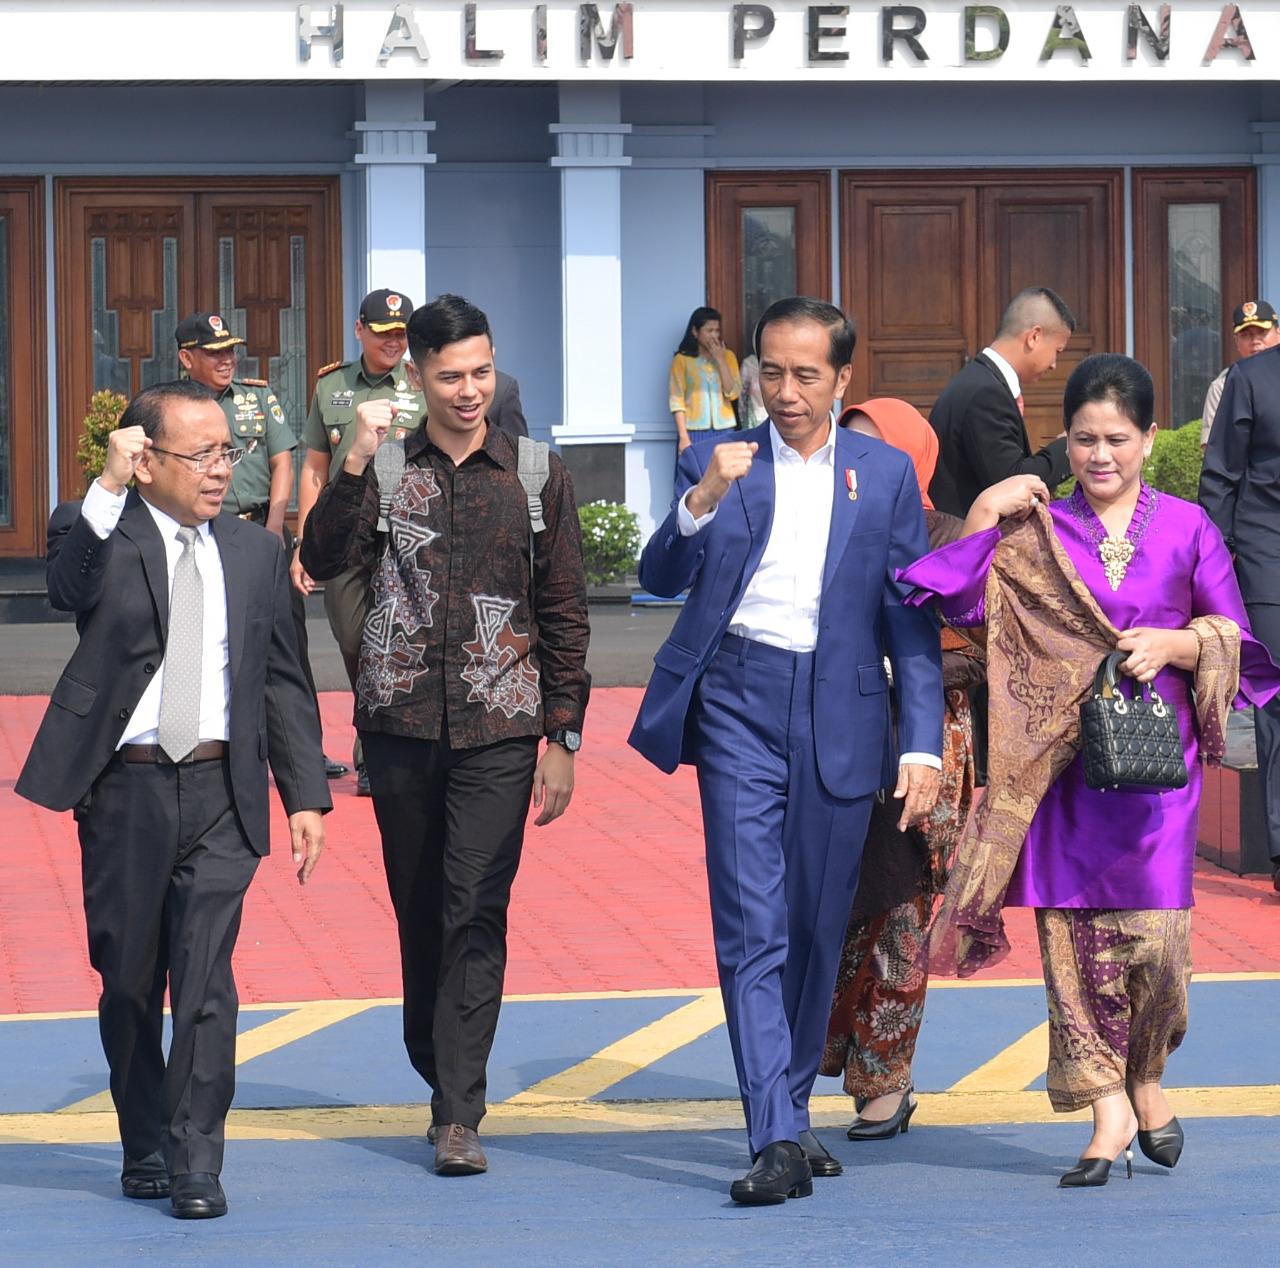 persiapan-presiden-jokowi-untuk-asian-para-games-2018-belajar-bahasa-isyarat-ke-surya-sahetapy-6